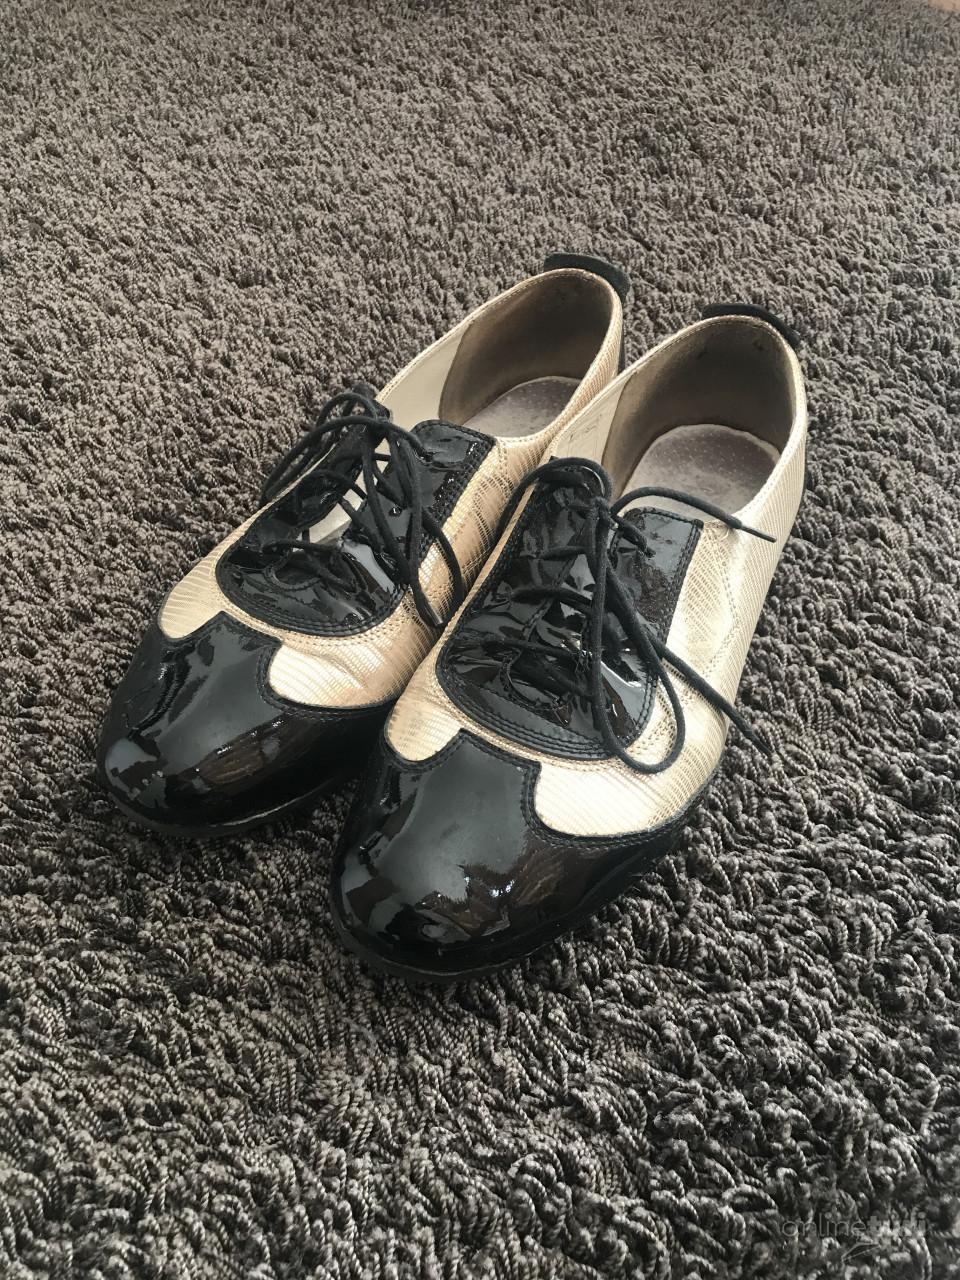 909c7883d664 Feketa-arany cipő, Békésszentandrás - OnlineTuri